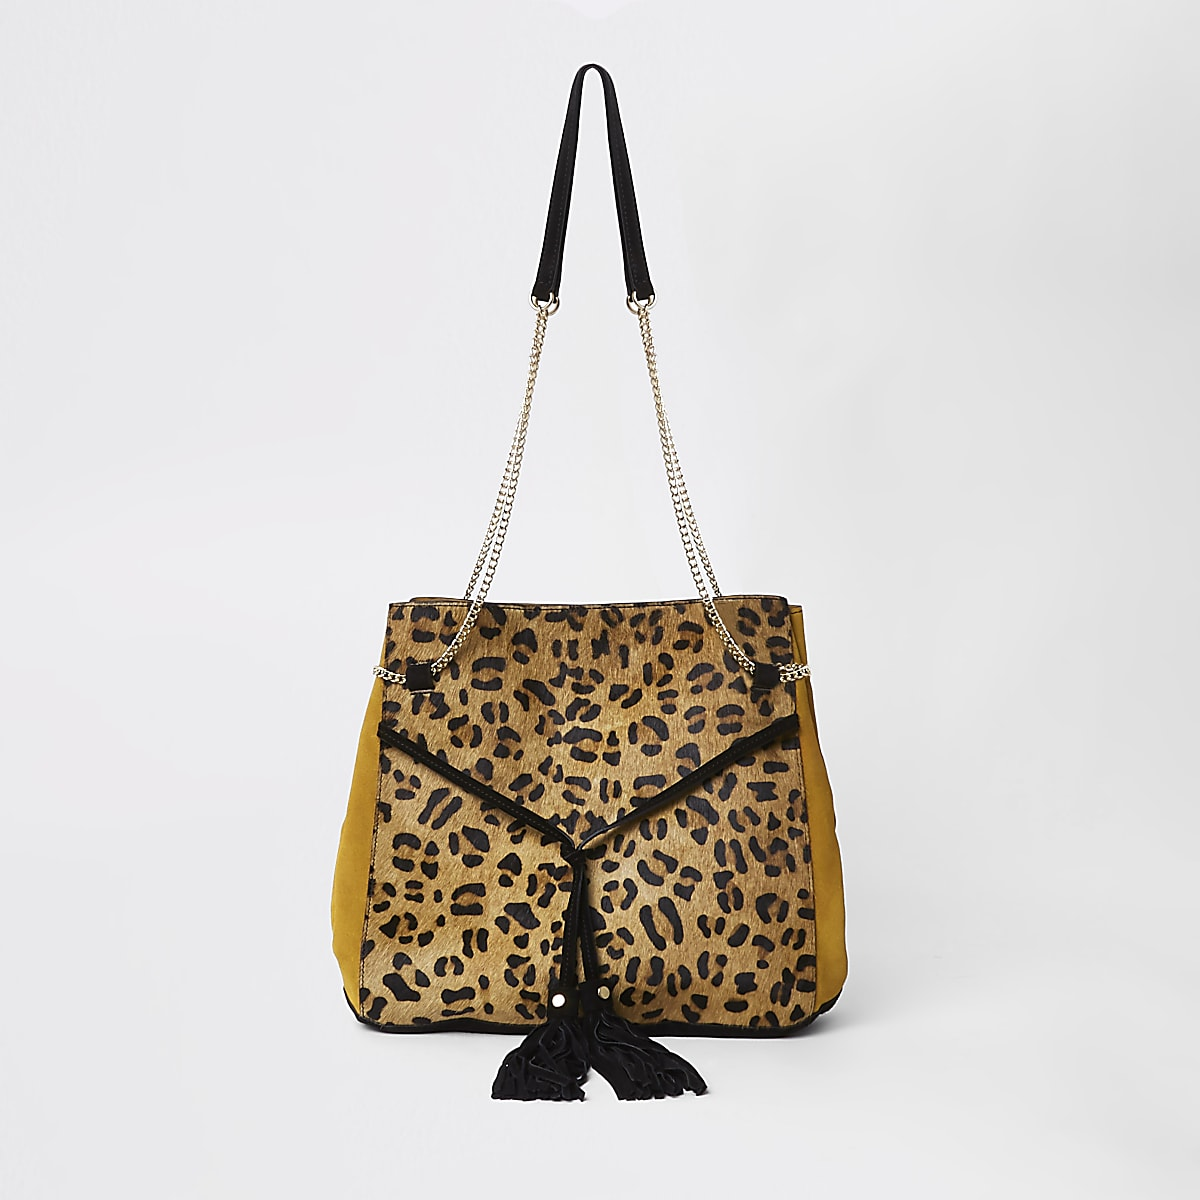 Schwarze Kordelzugtasche mit Leopardenmuster